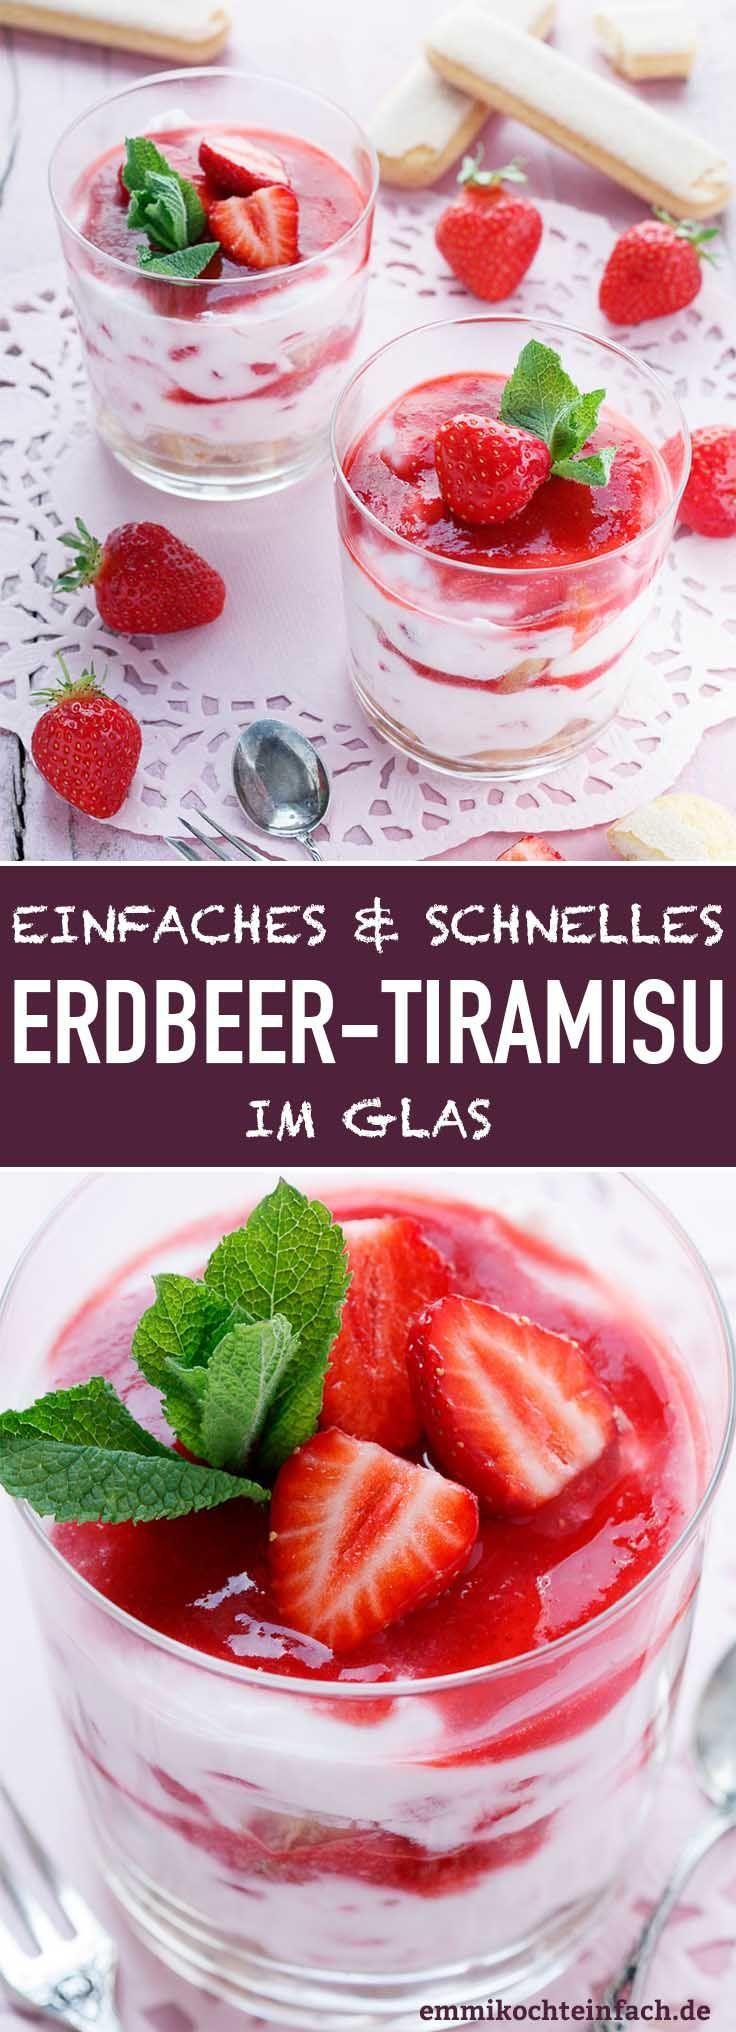 Erdbeer Tiramisu im Glas – Ein Dessert-Traum